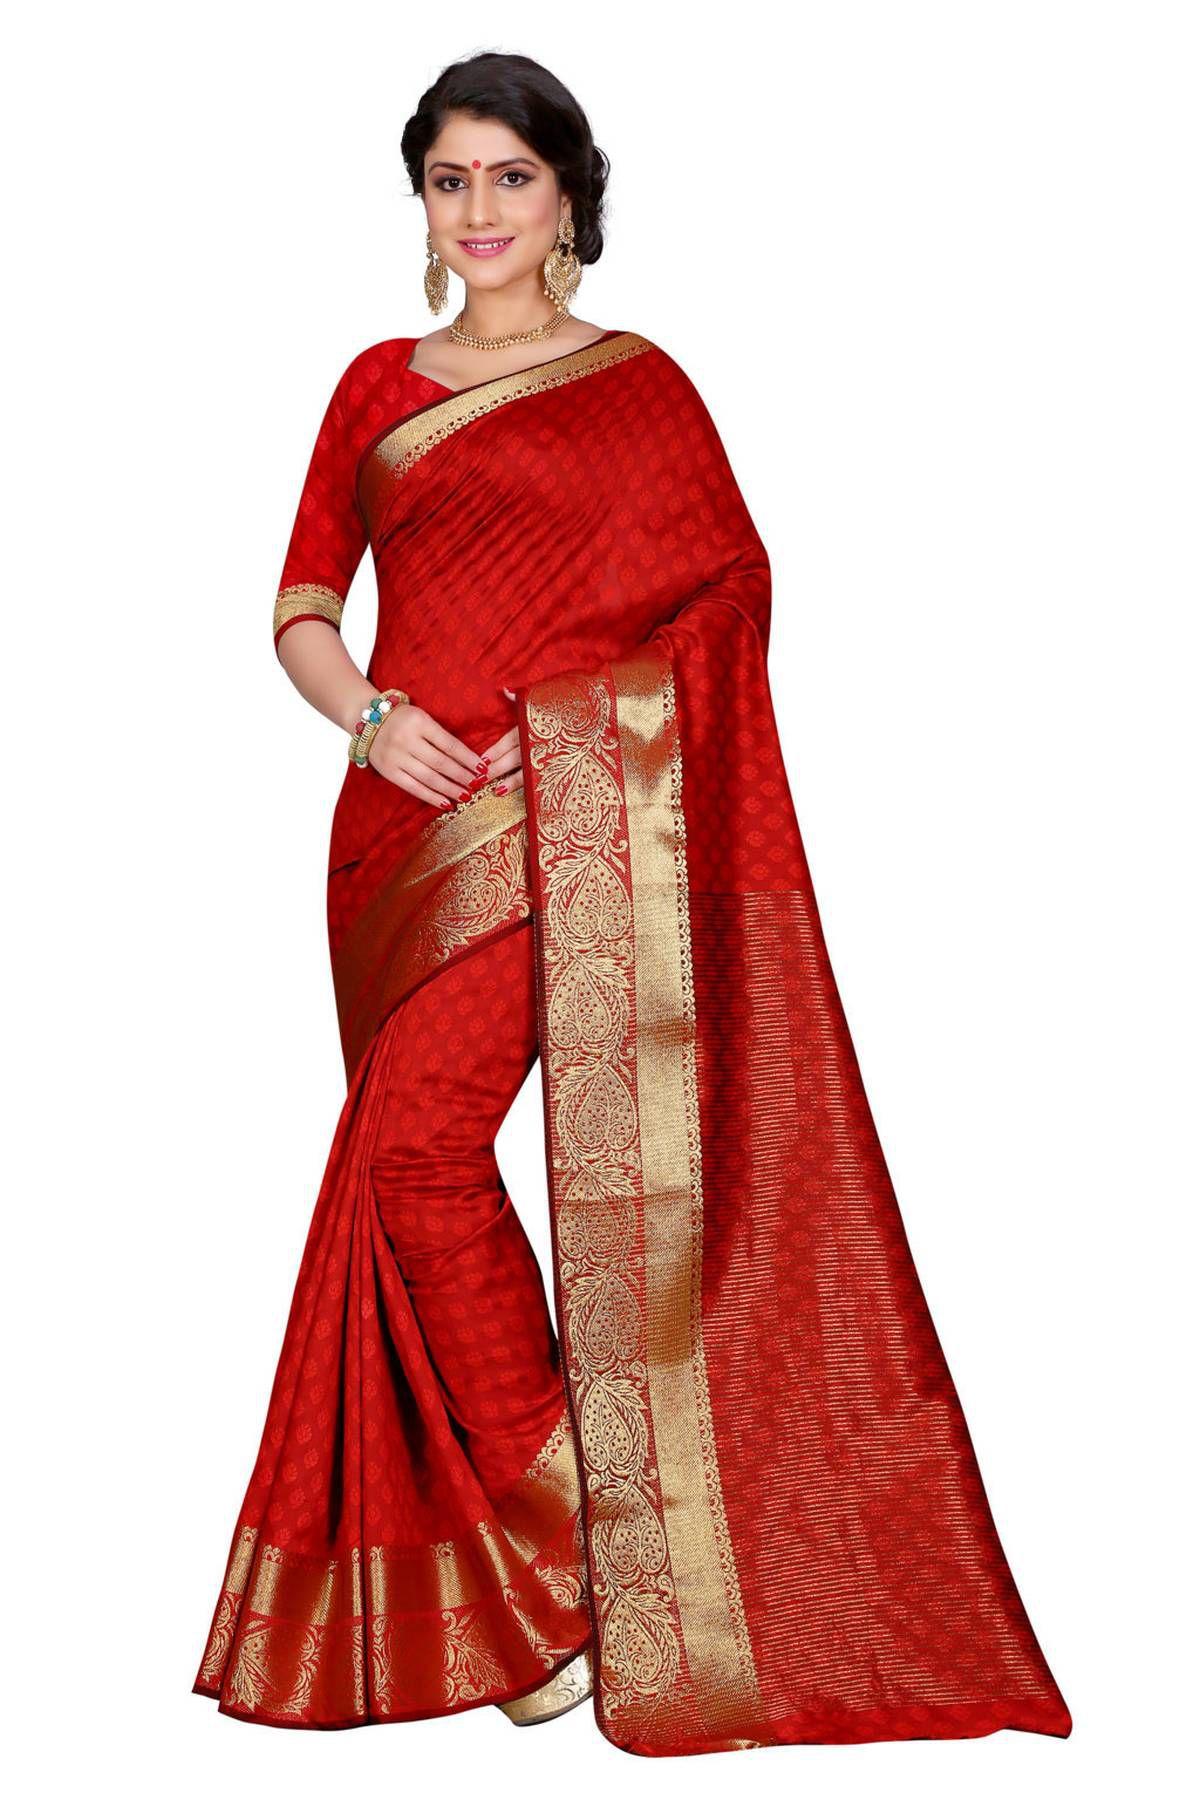 Sudarshan silks Red Cotton Saree